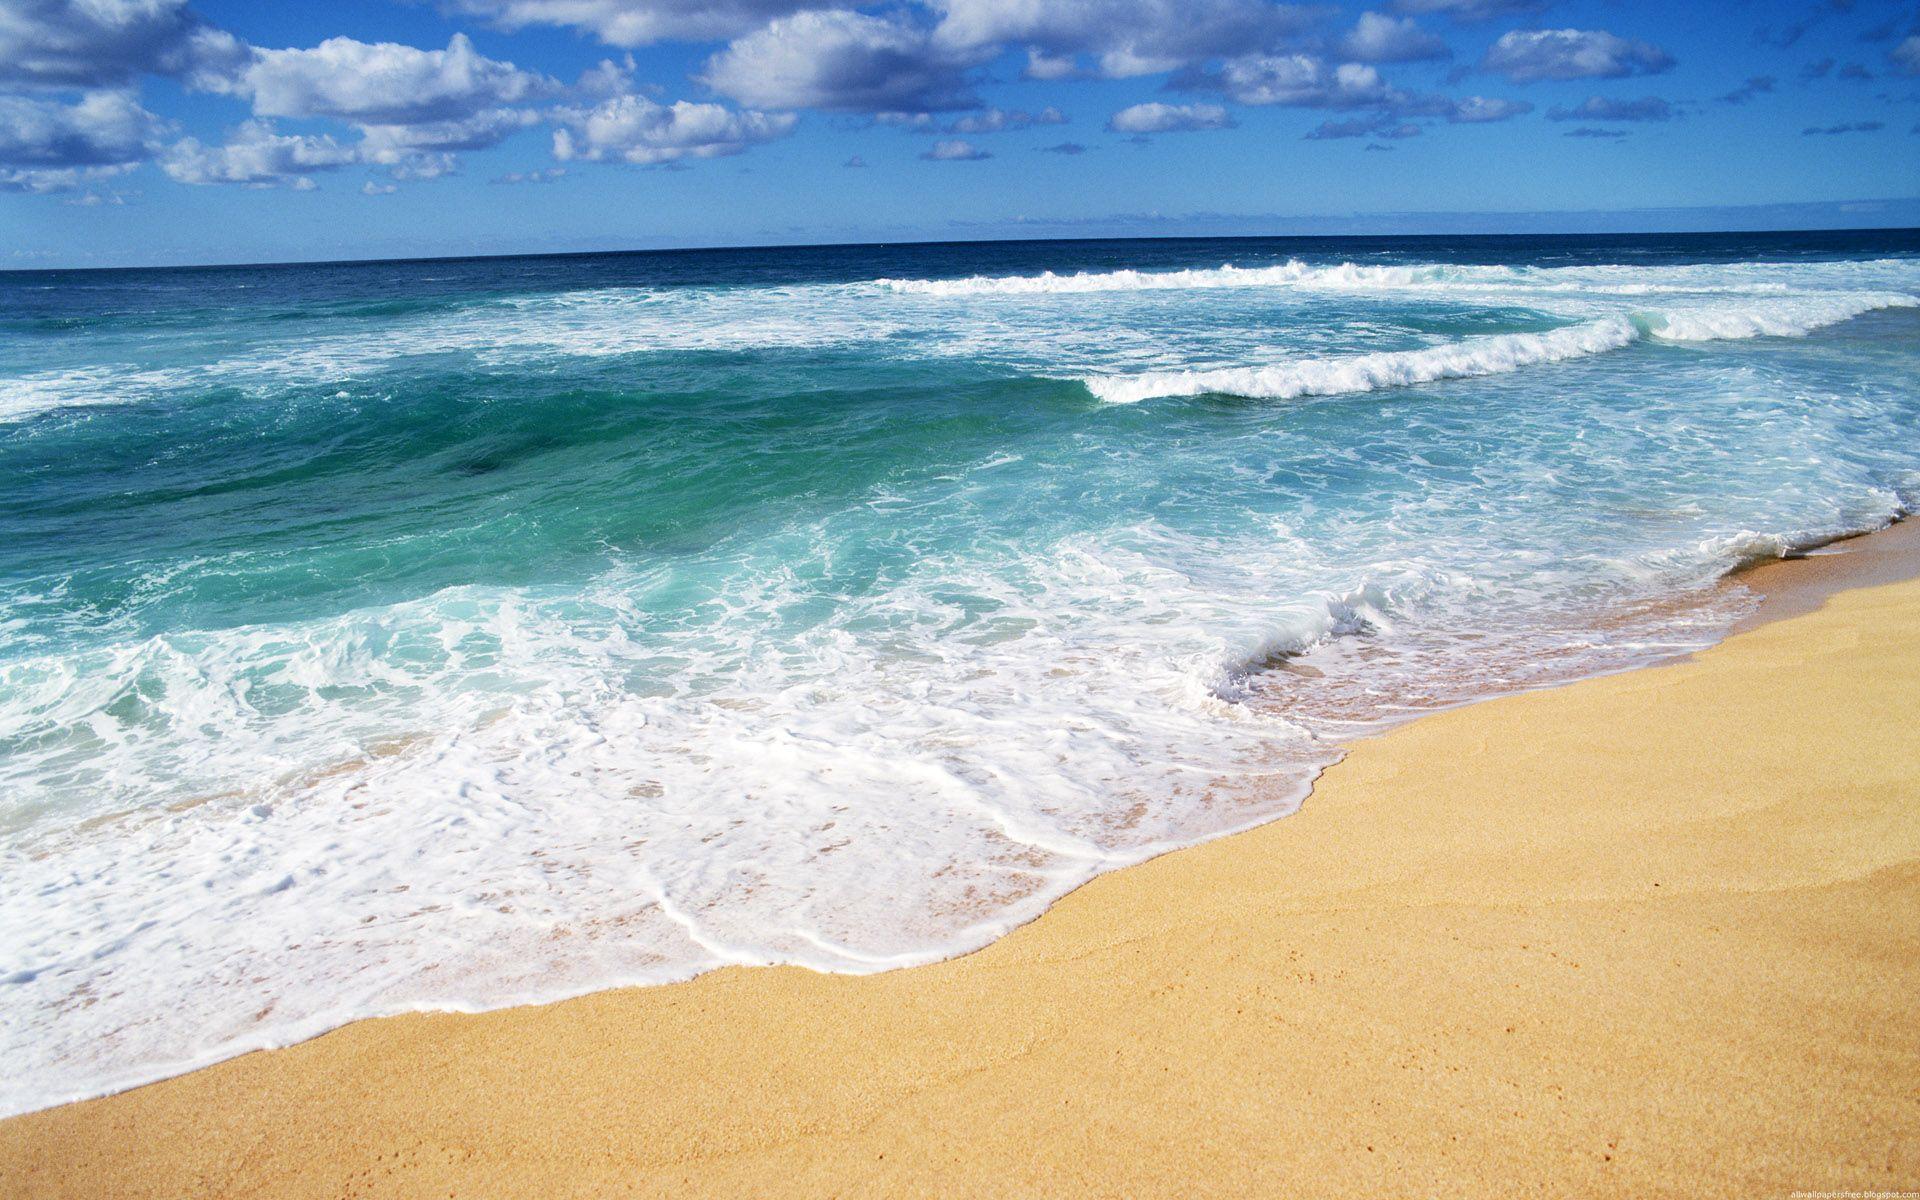 пляж, песок, море, скачать фото обои для рабочего стола, beach wallpaper